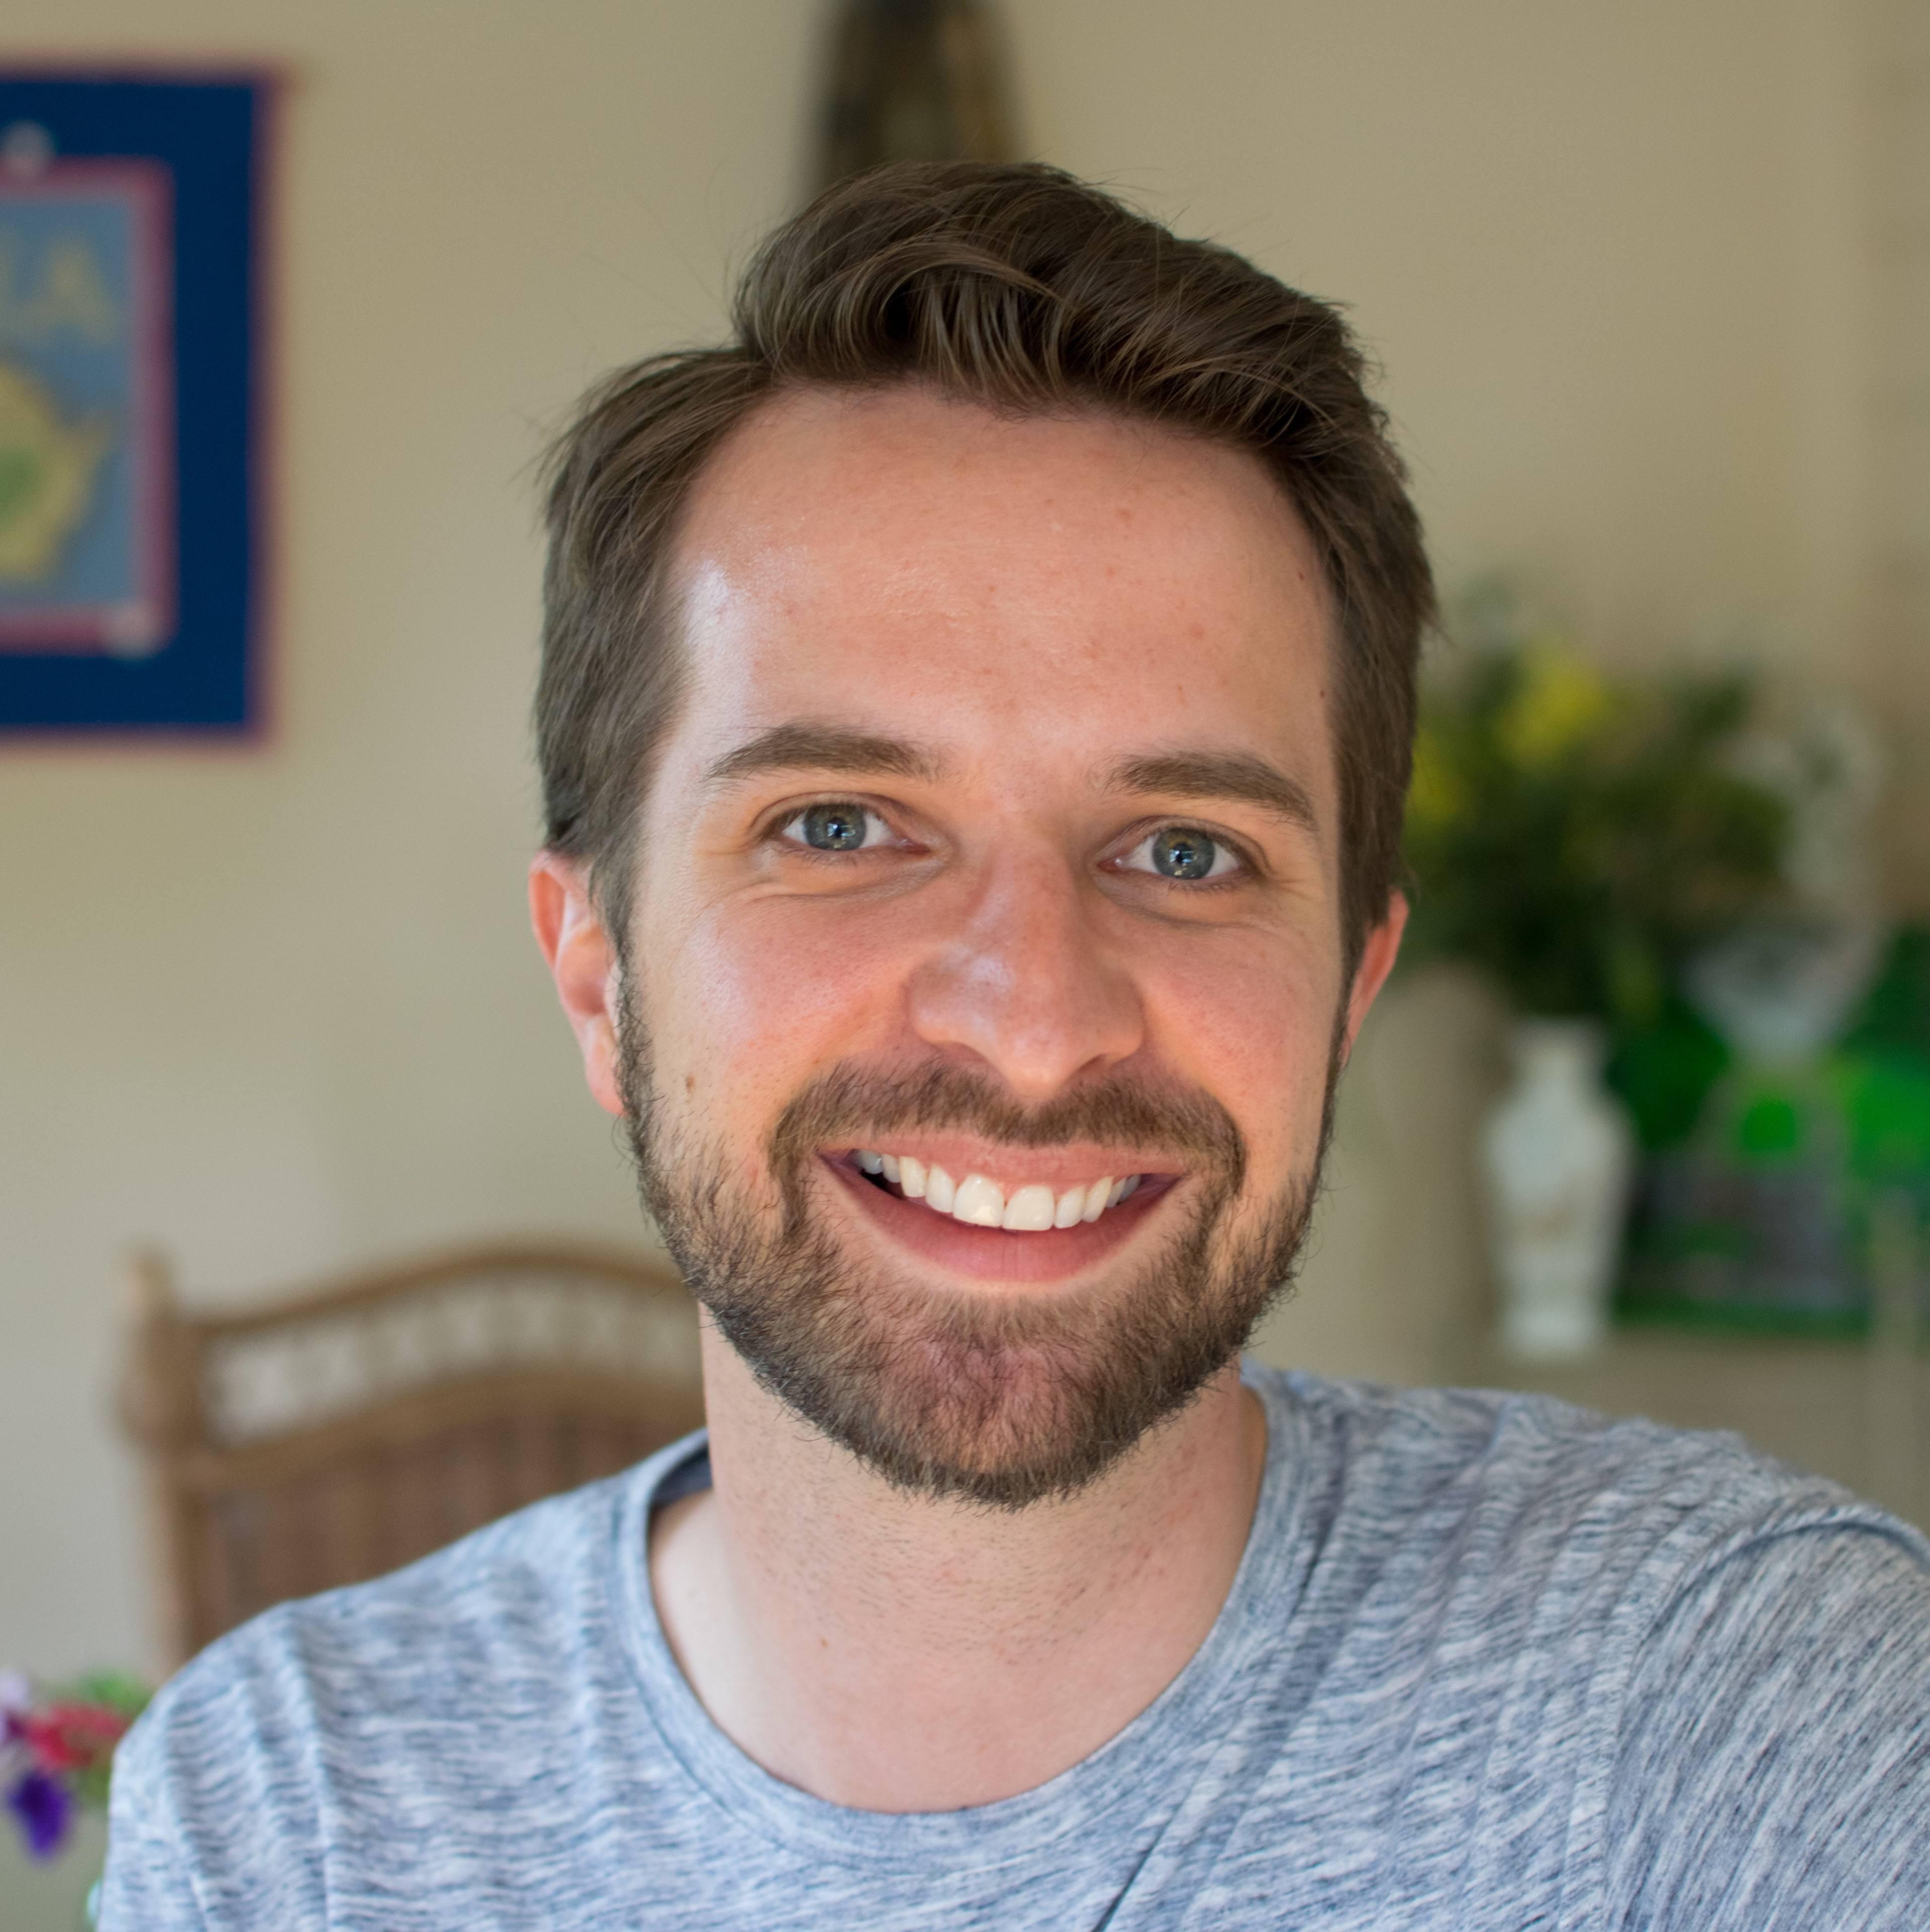 Ryan O'Neill-Moon